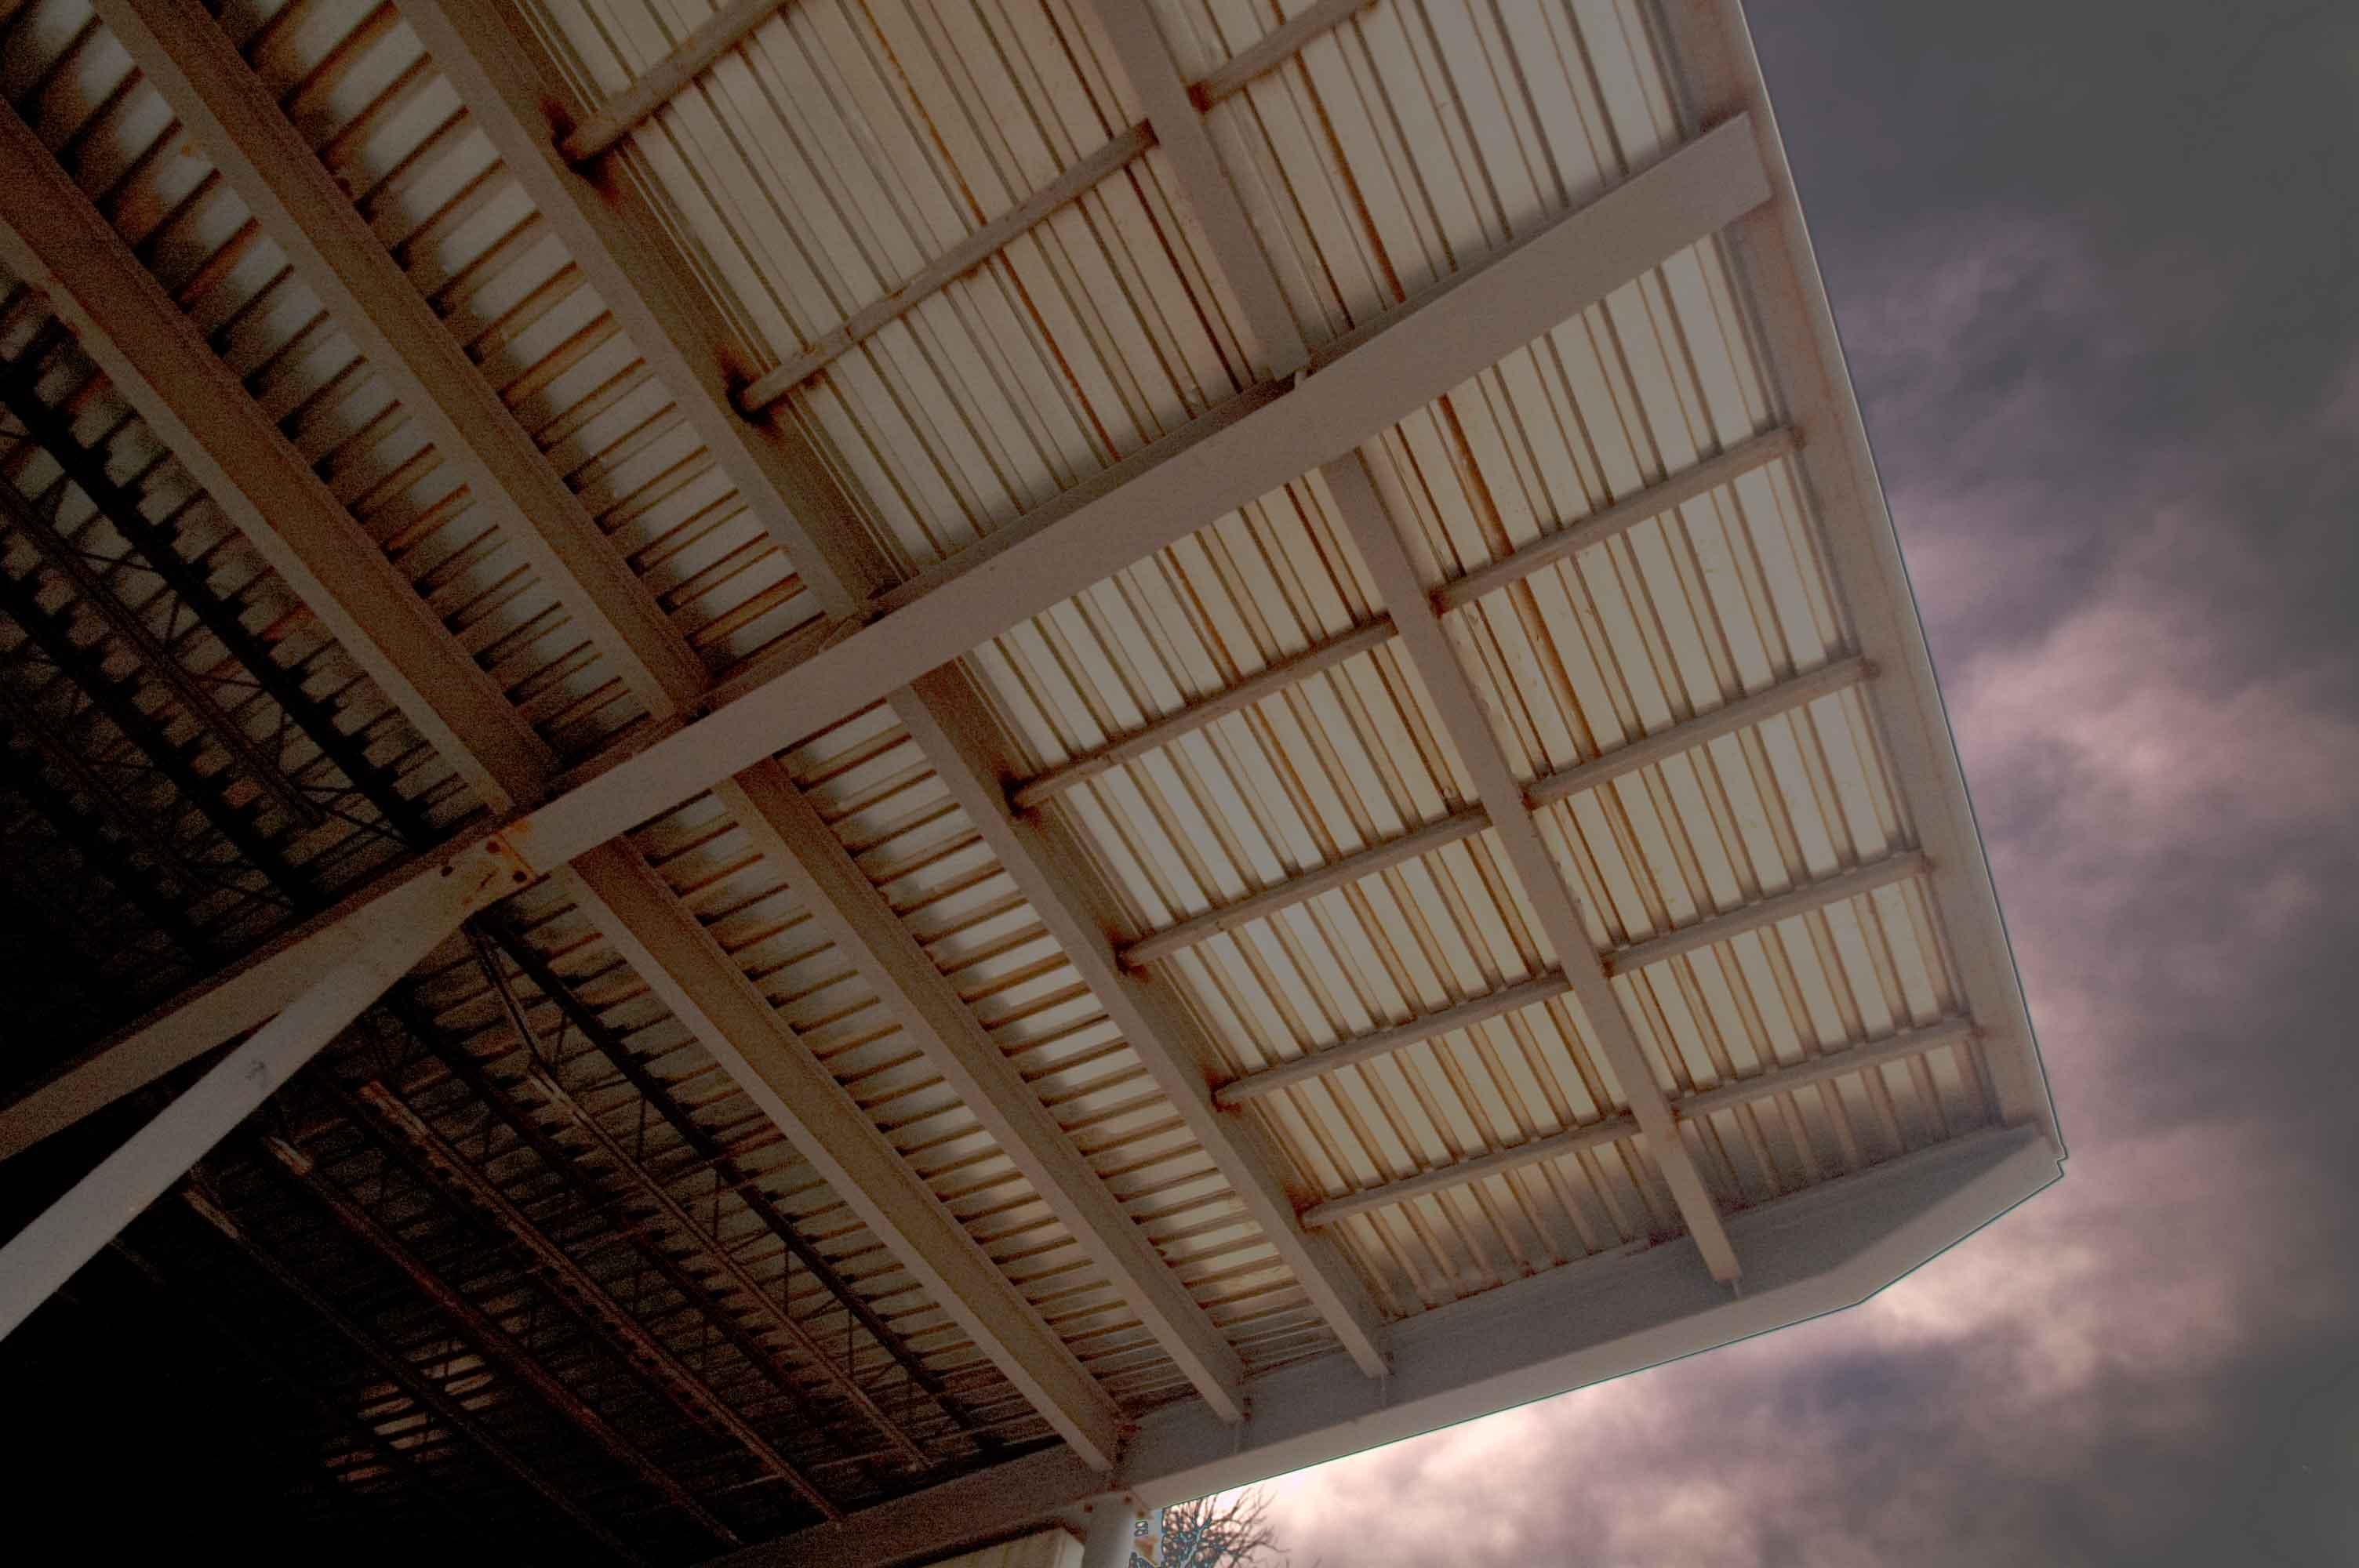 Lewis Clark West Cantilever